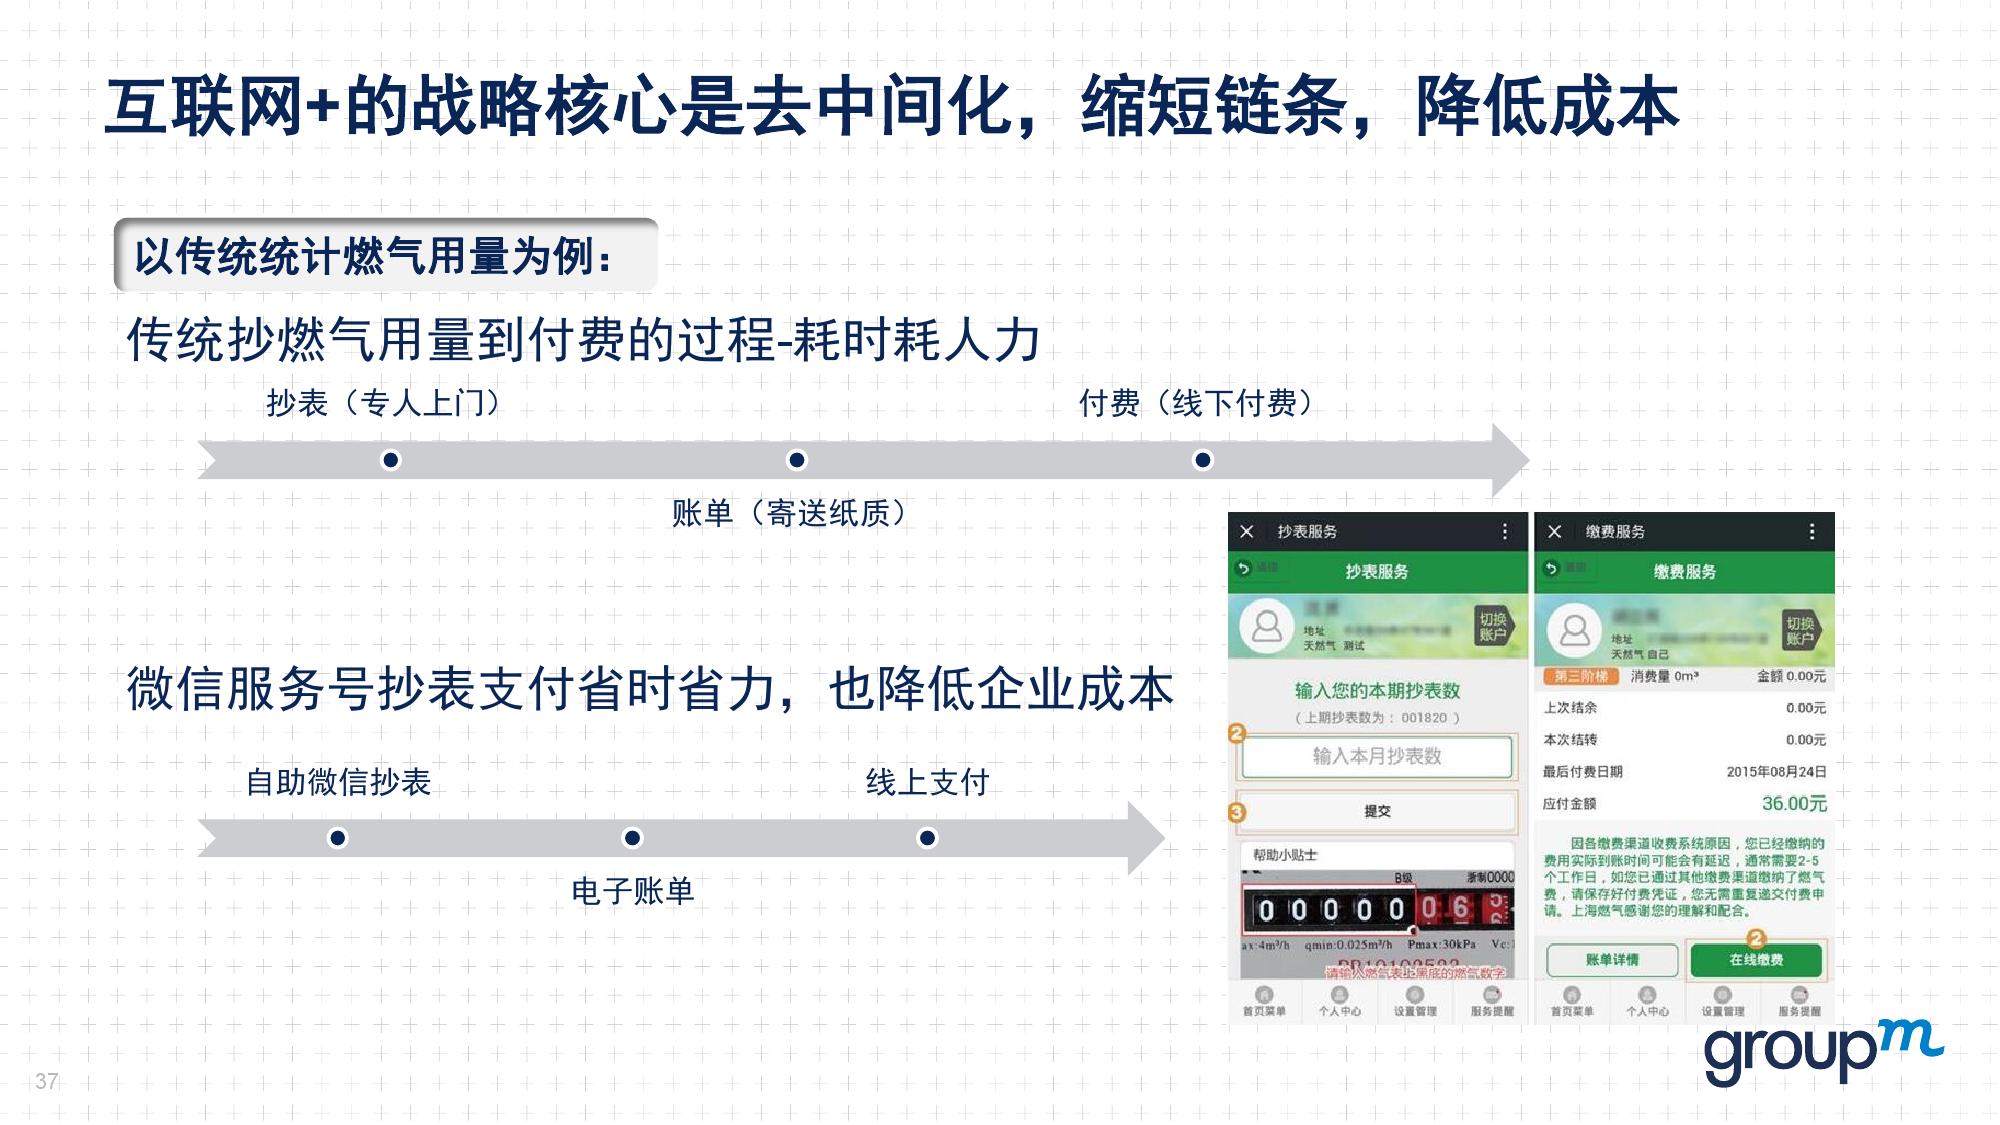 赢在中国2016:从需求刺激转向供给侧改革_000037